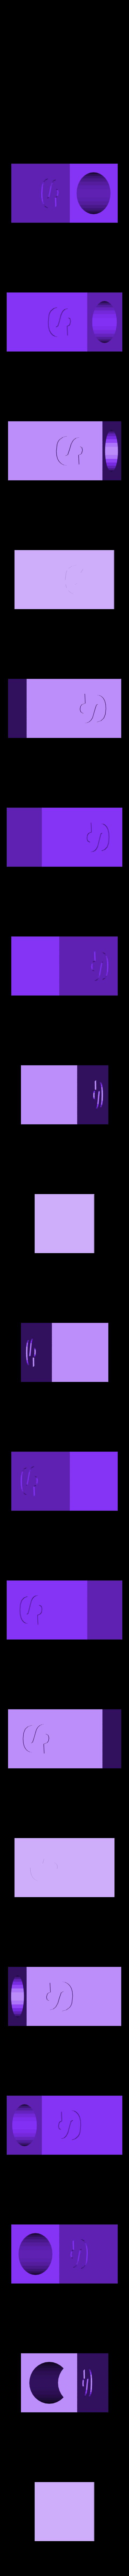 depth_adjustment_for_the_silhouette_cameo_pen_holder.stl Download free STL file Depth adjustment (for the Silhouette Cameo Pen Holder) • 3D print design, Jakwit